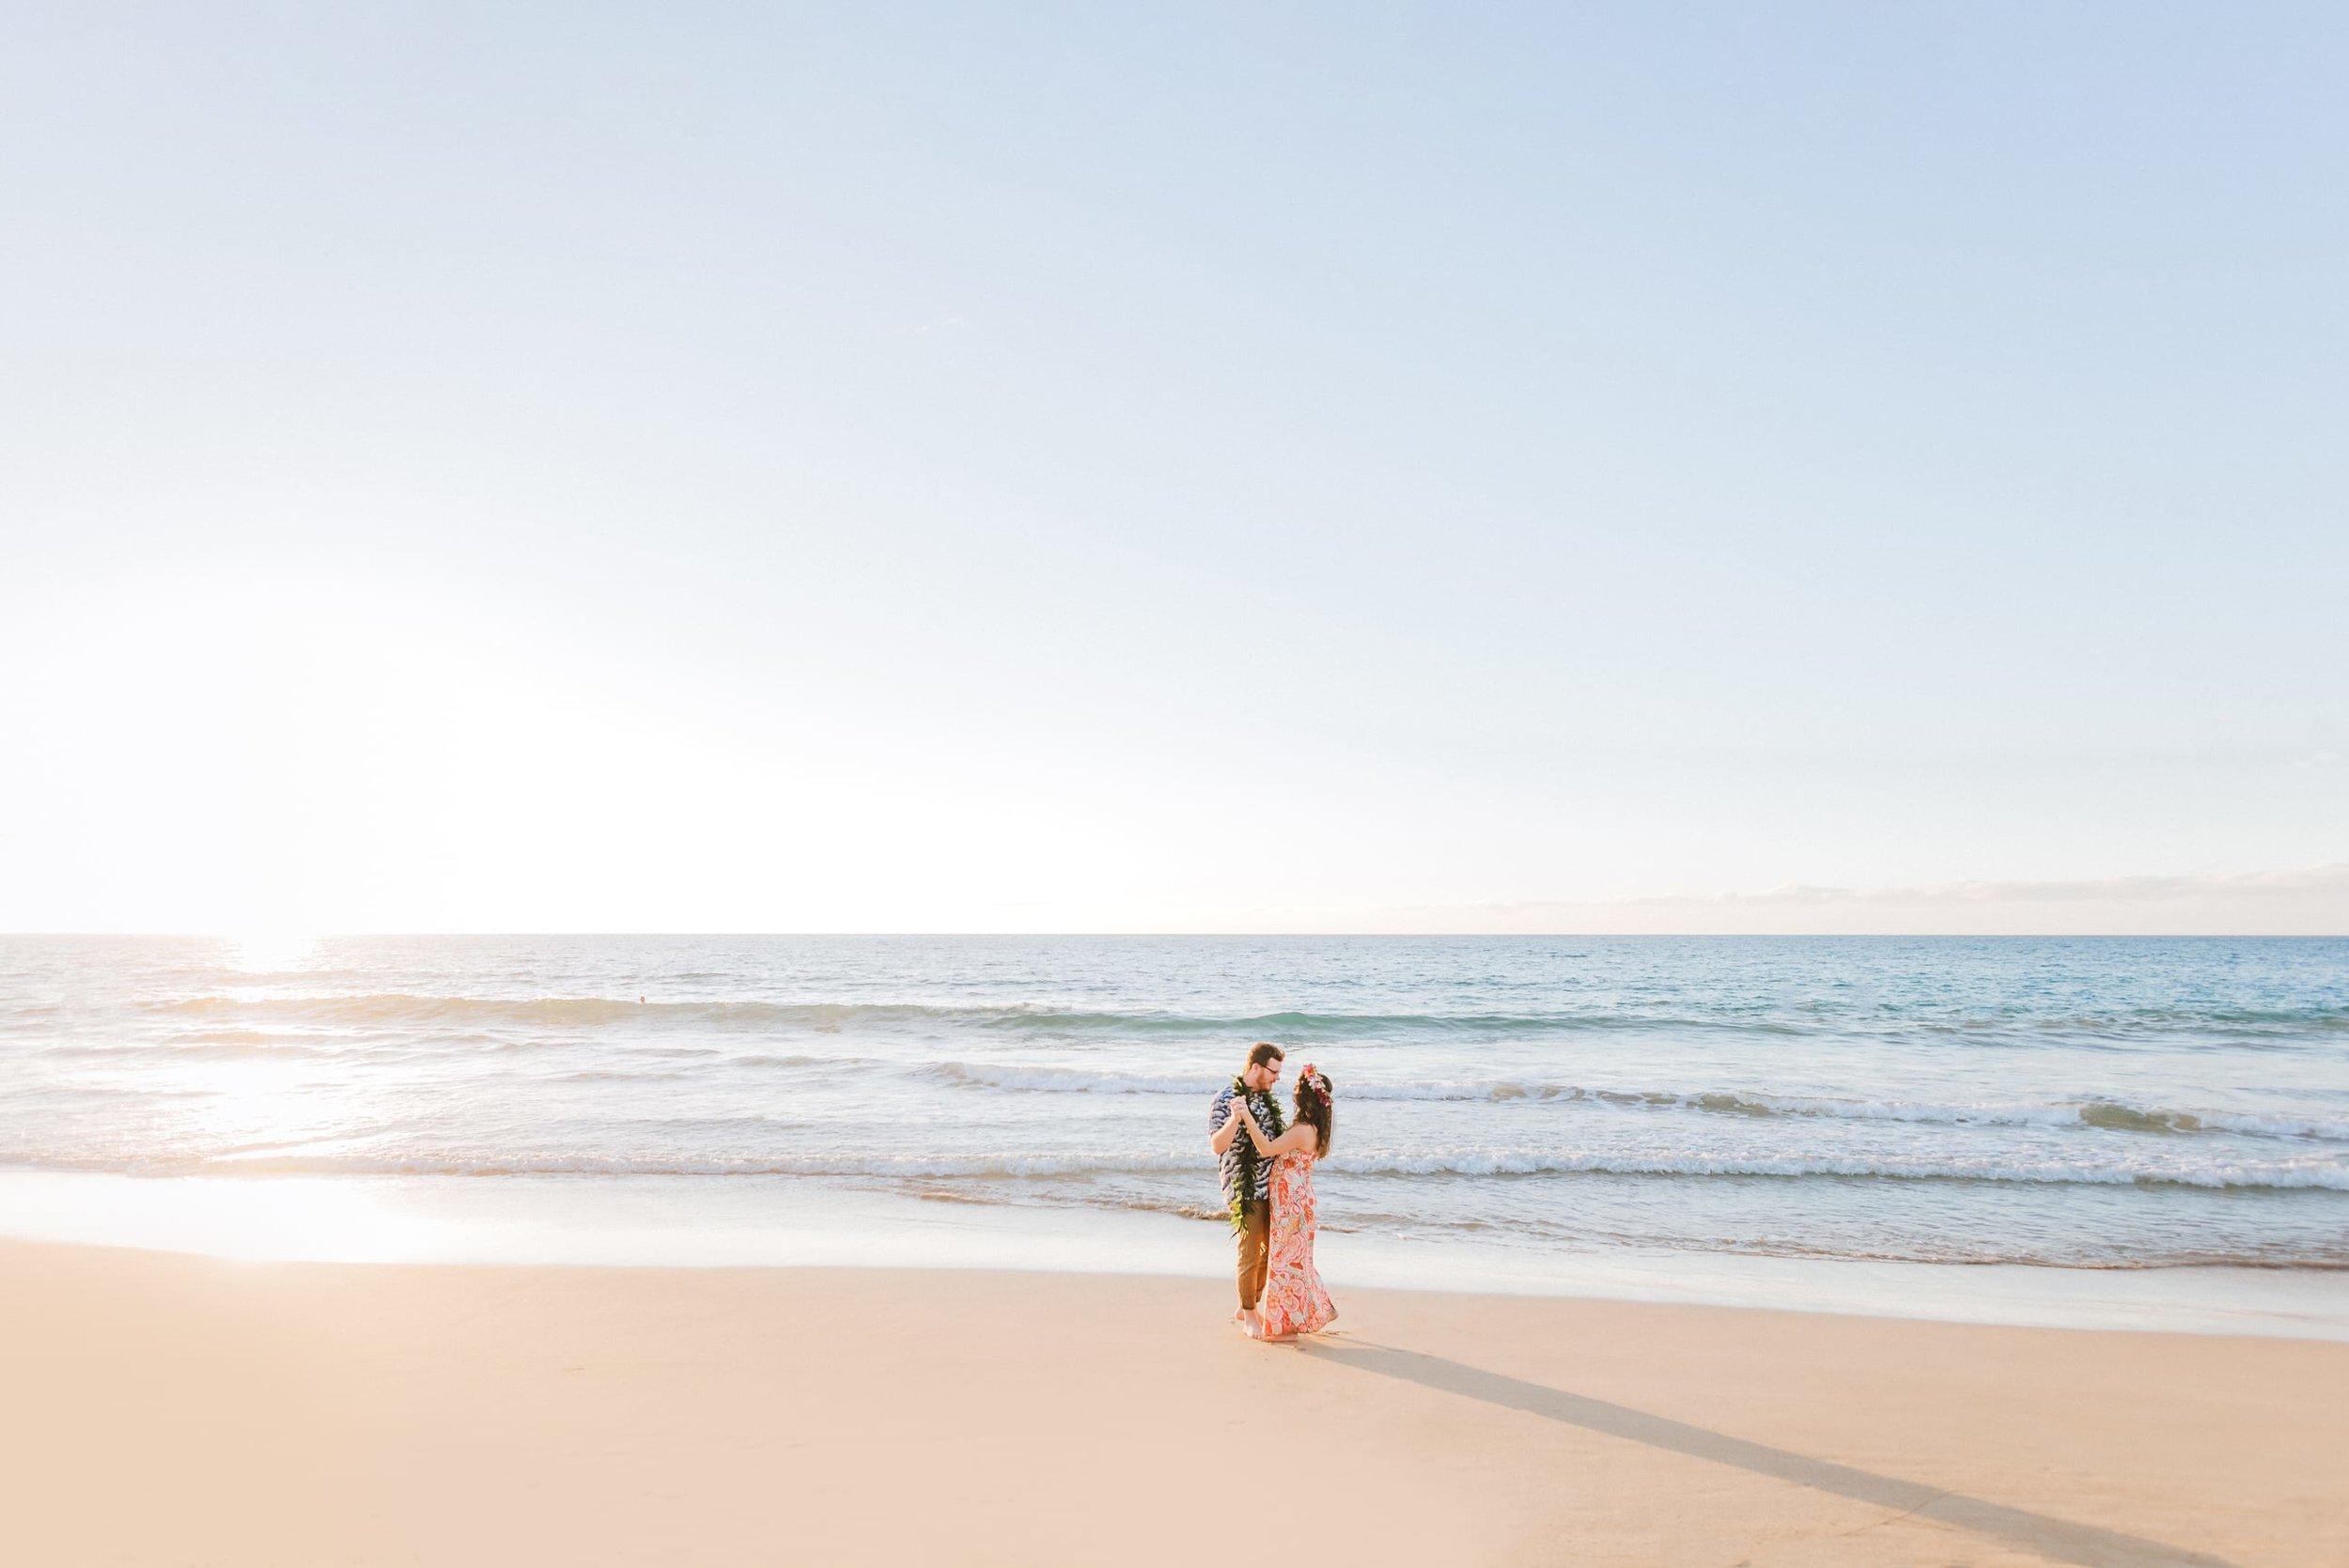 Kona-Honeymoon-Vacation-Photographer-Hawaii-11.jpg